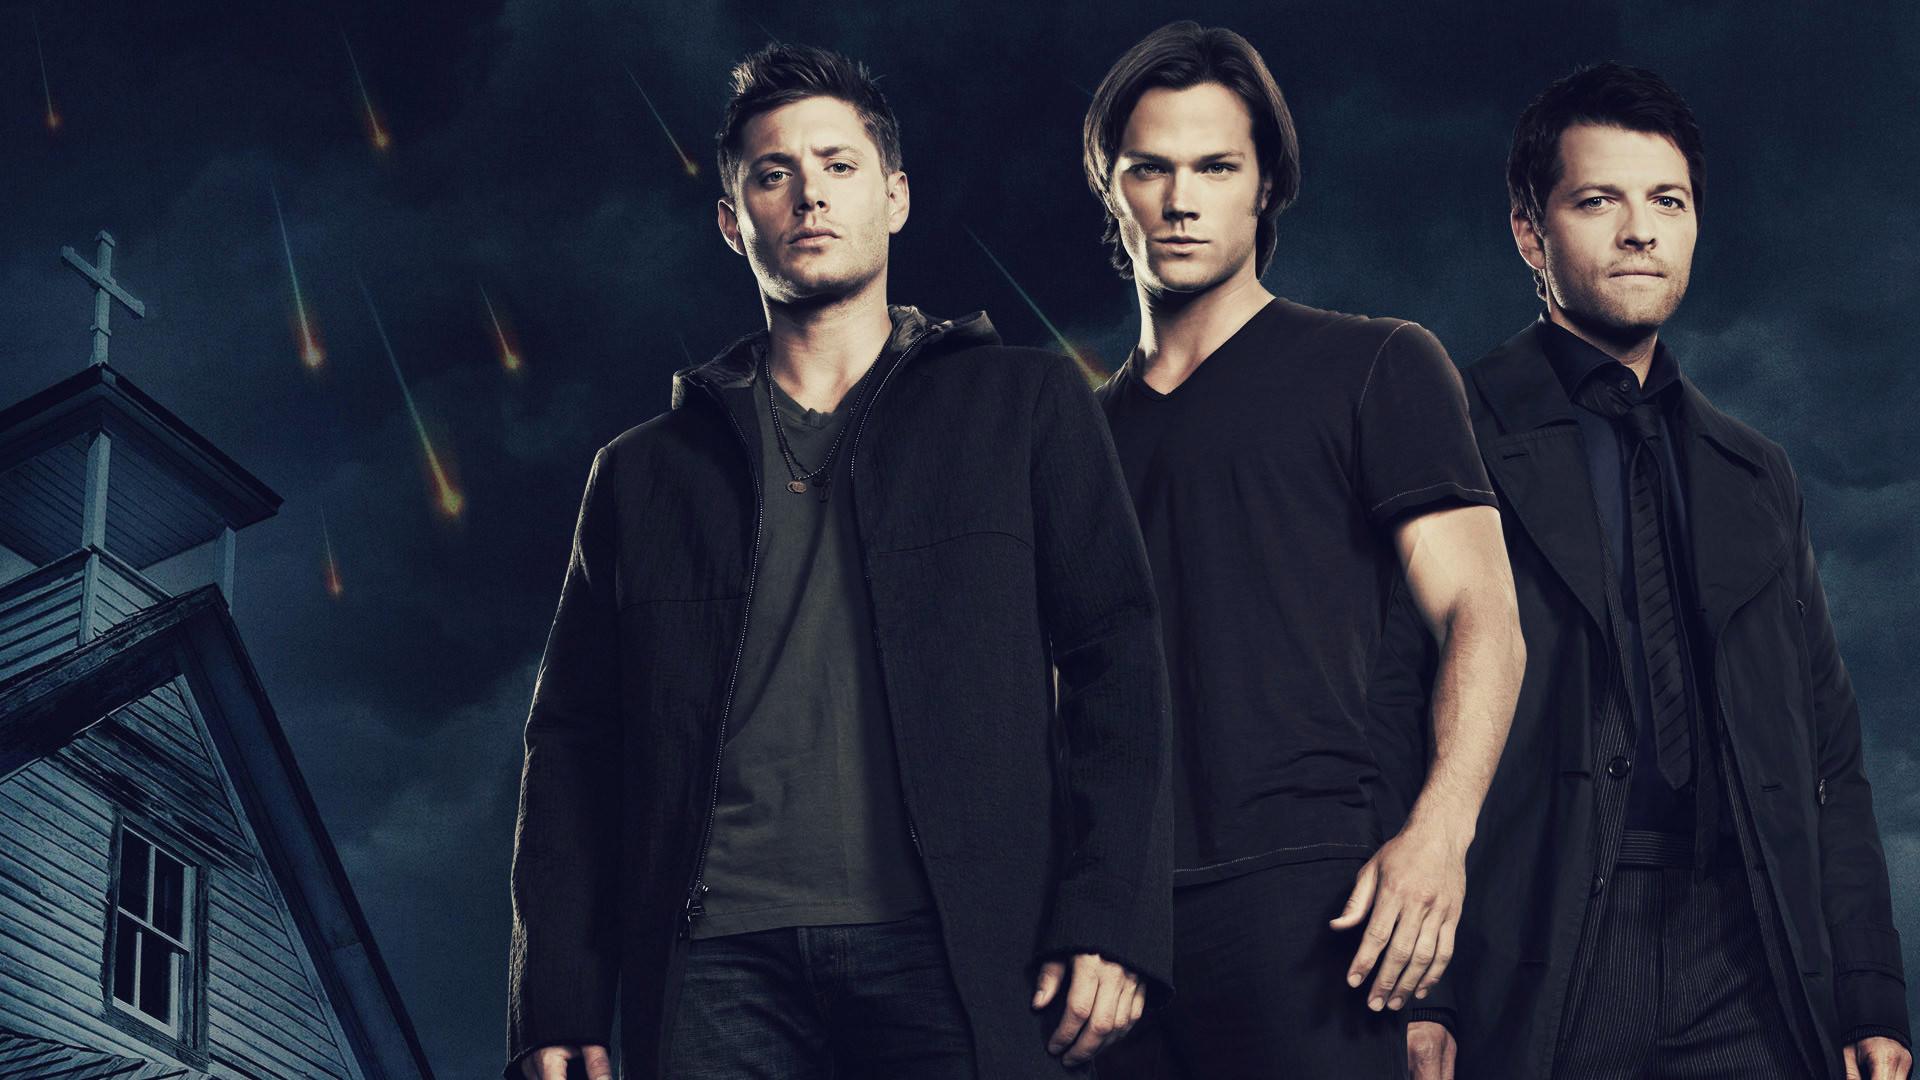 Supernatural Wallpaper Season 10 – wallpaper.